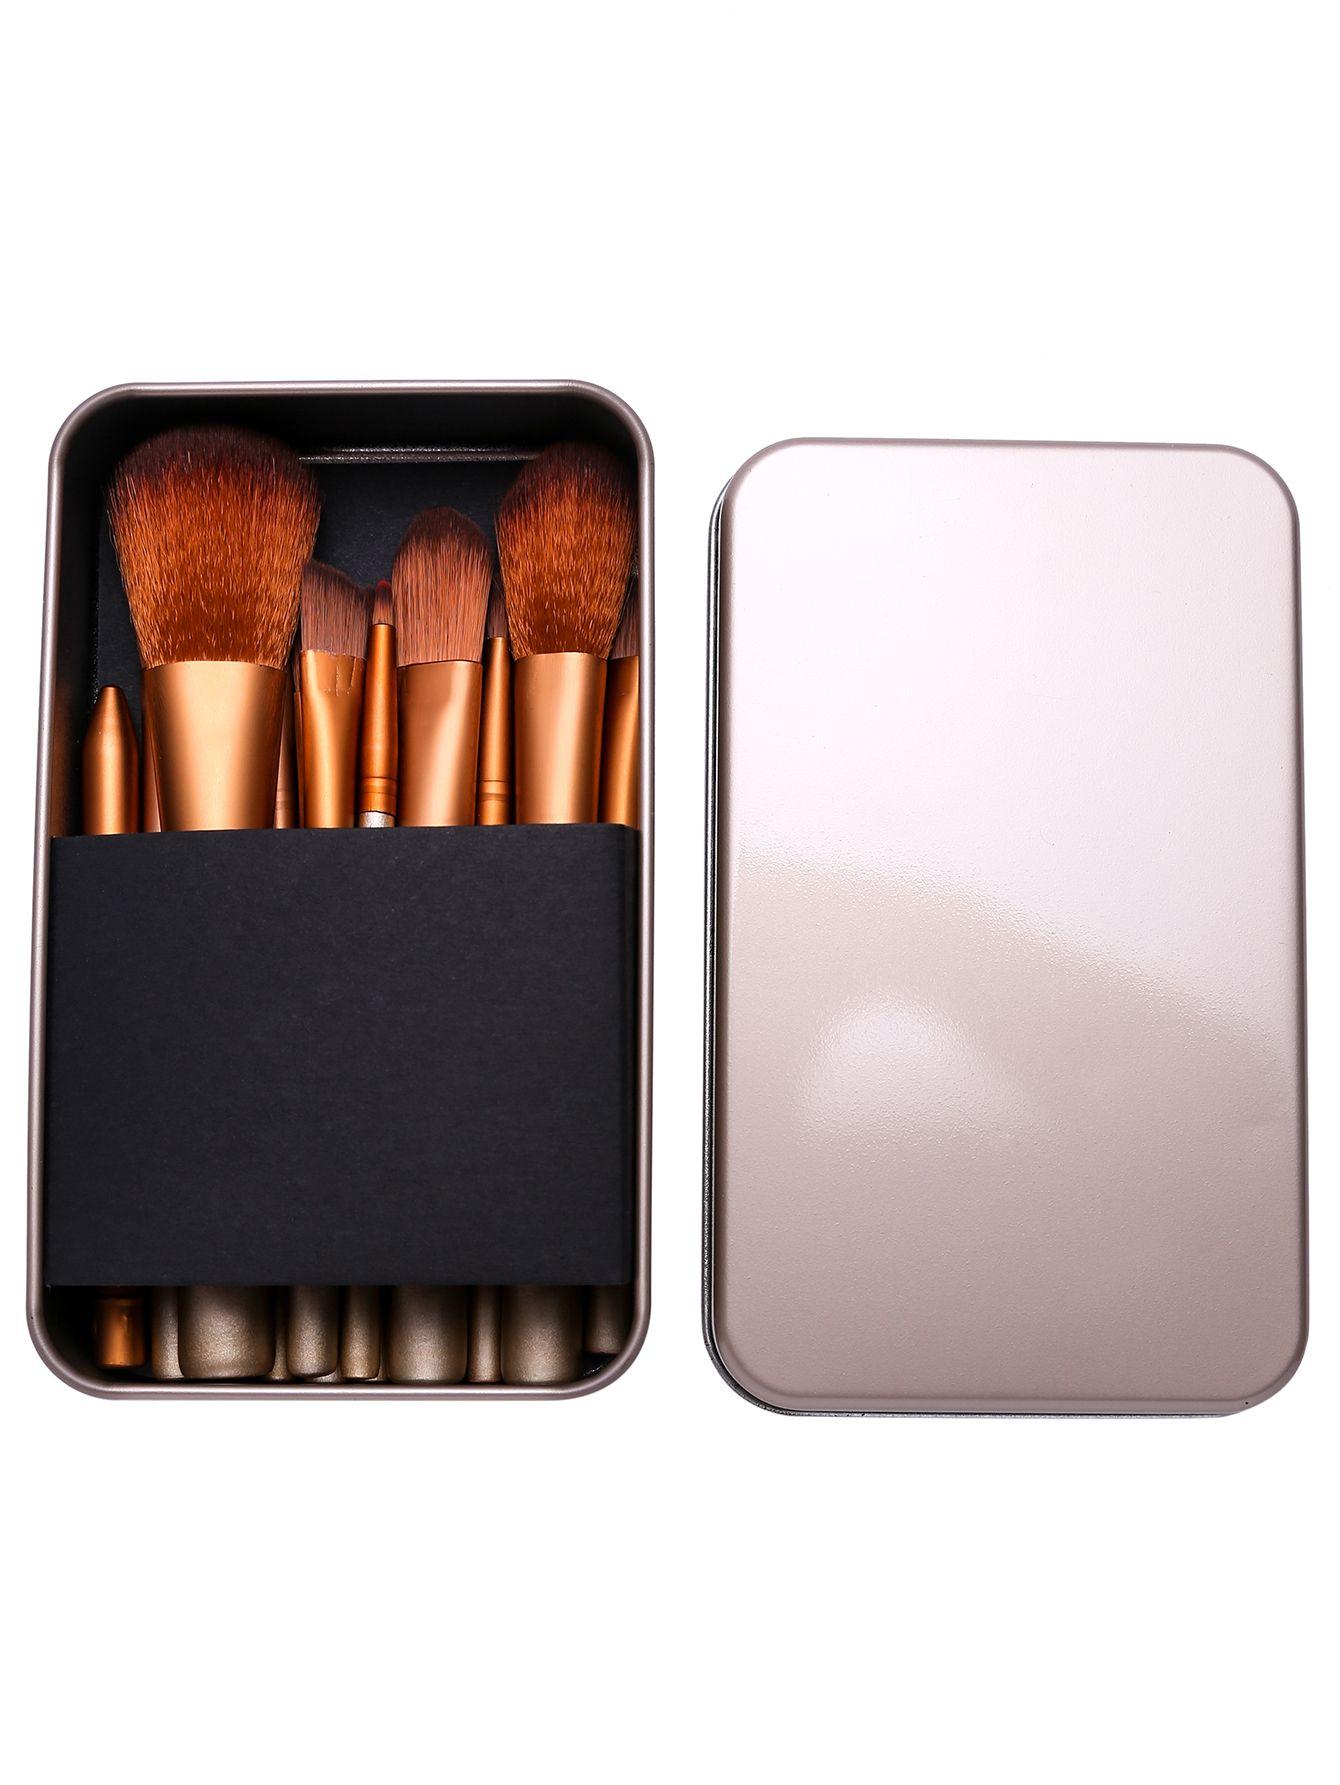 12PCS Gold Professional Makeup Brush Set With Metal Box  586cb4988